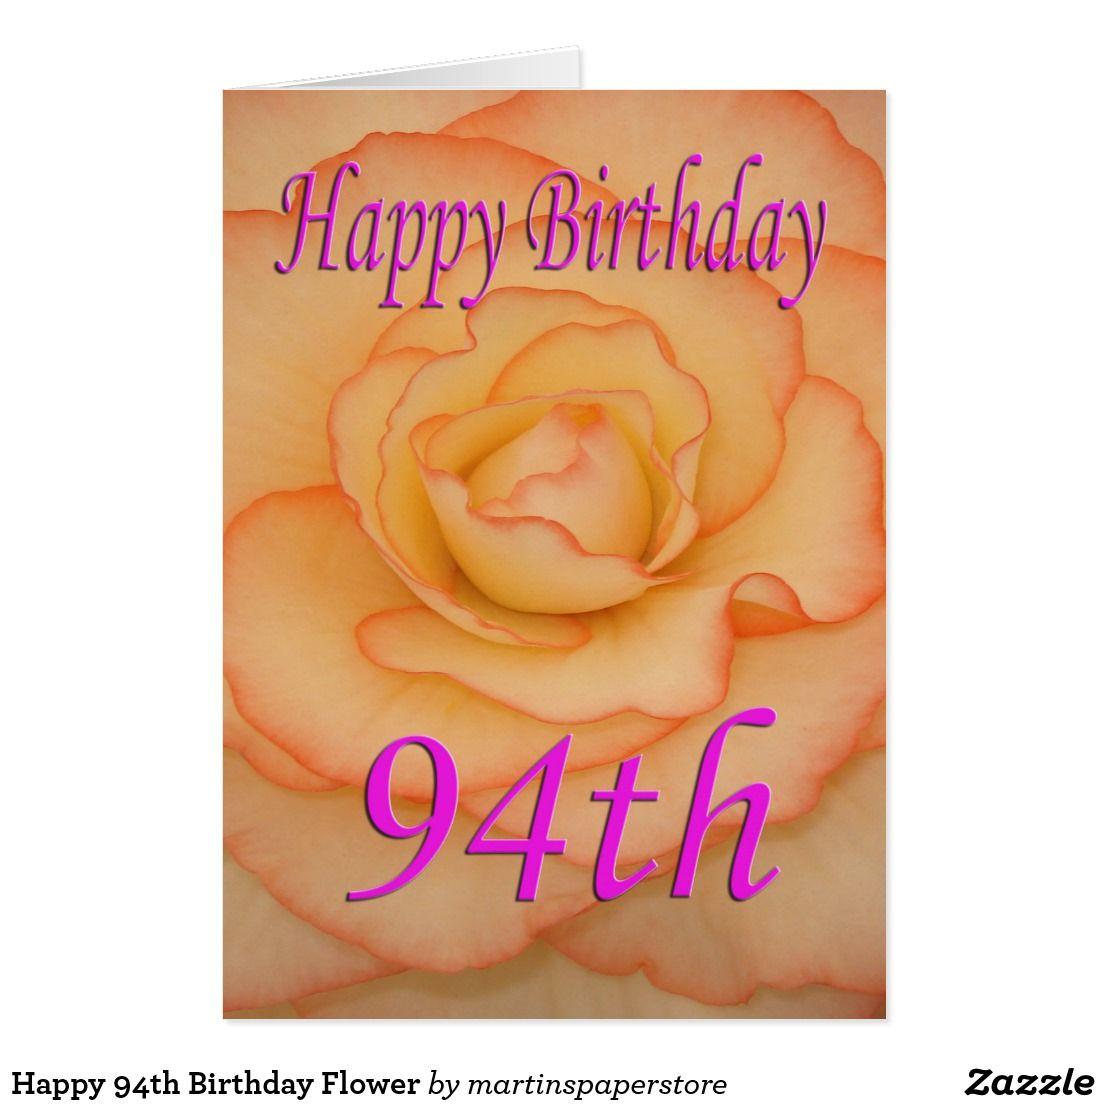 Happy 94th Birthday Flower Card